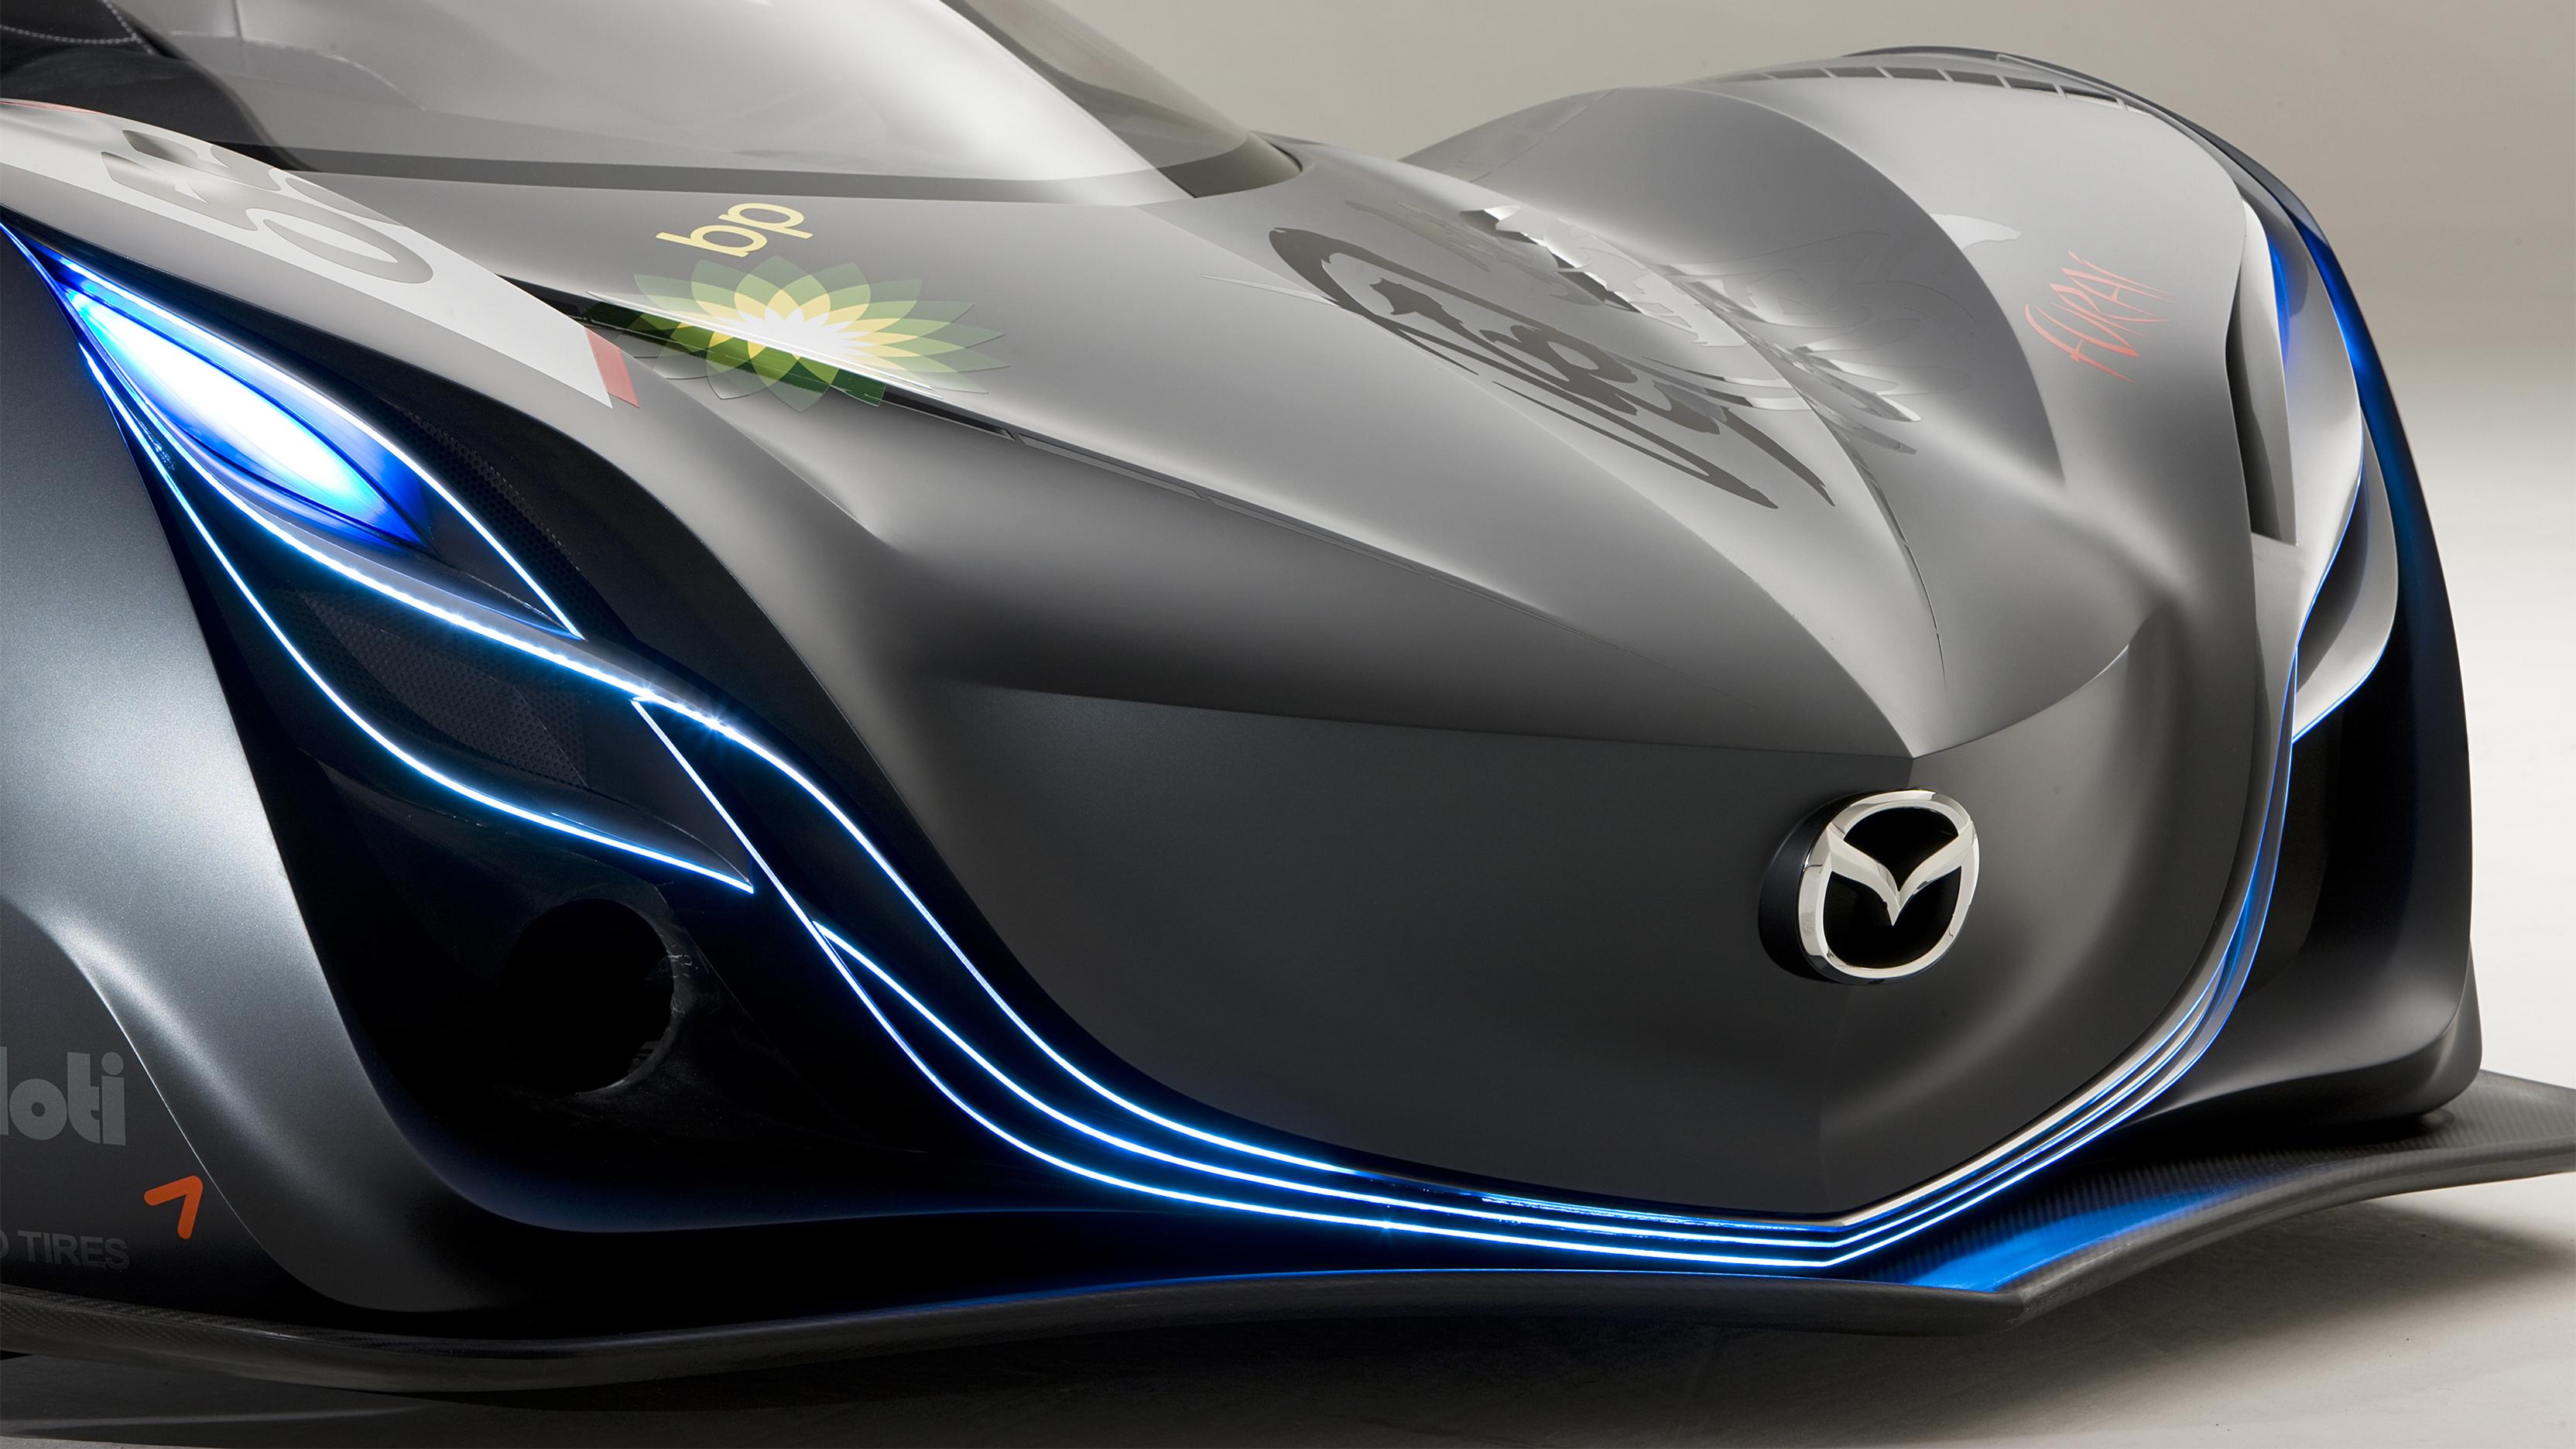 Mazda Furai Vehículos Supercars Hd Fondos De Pantalla